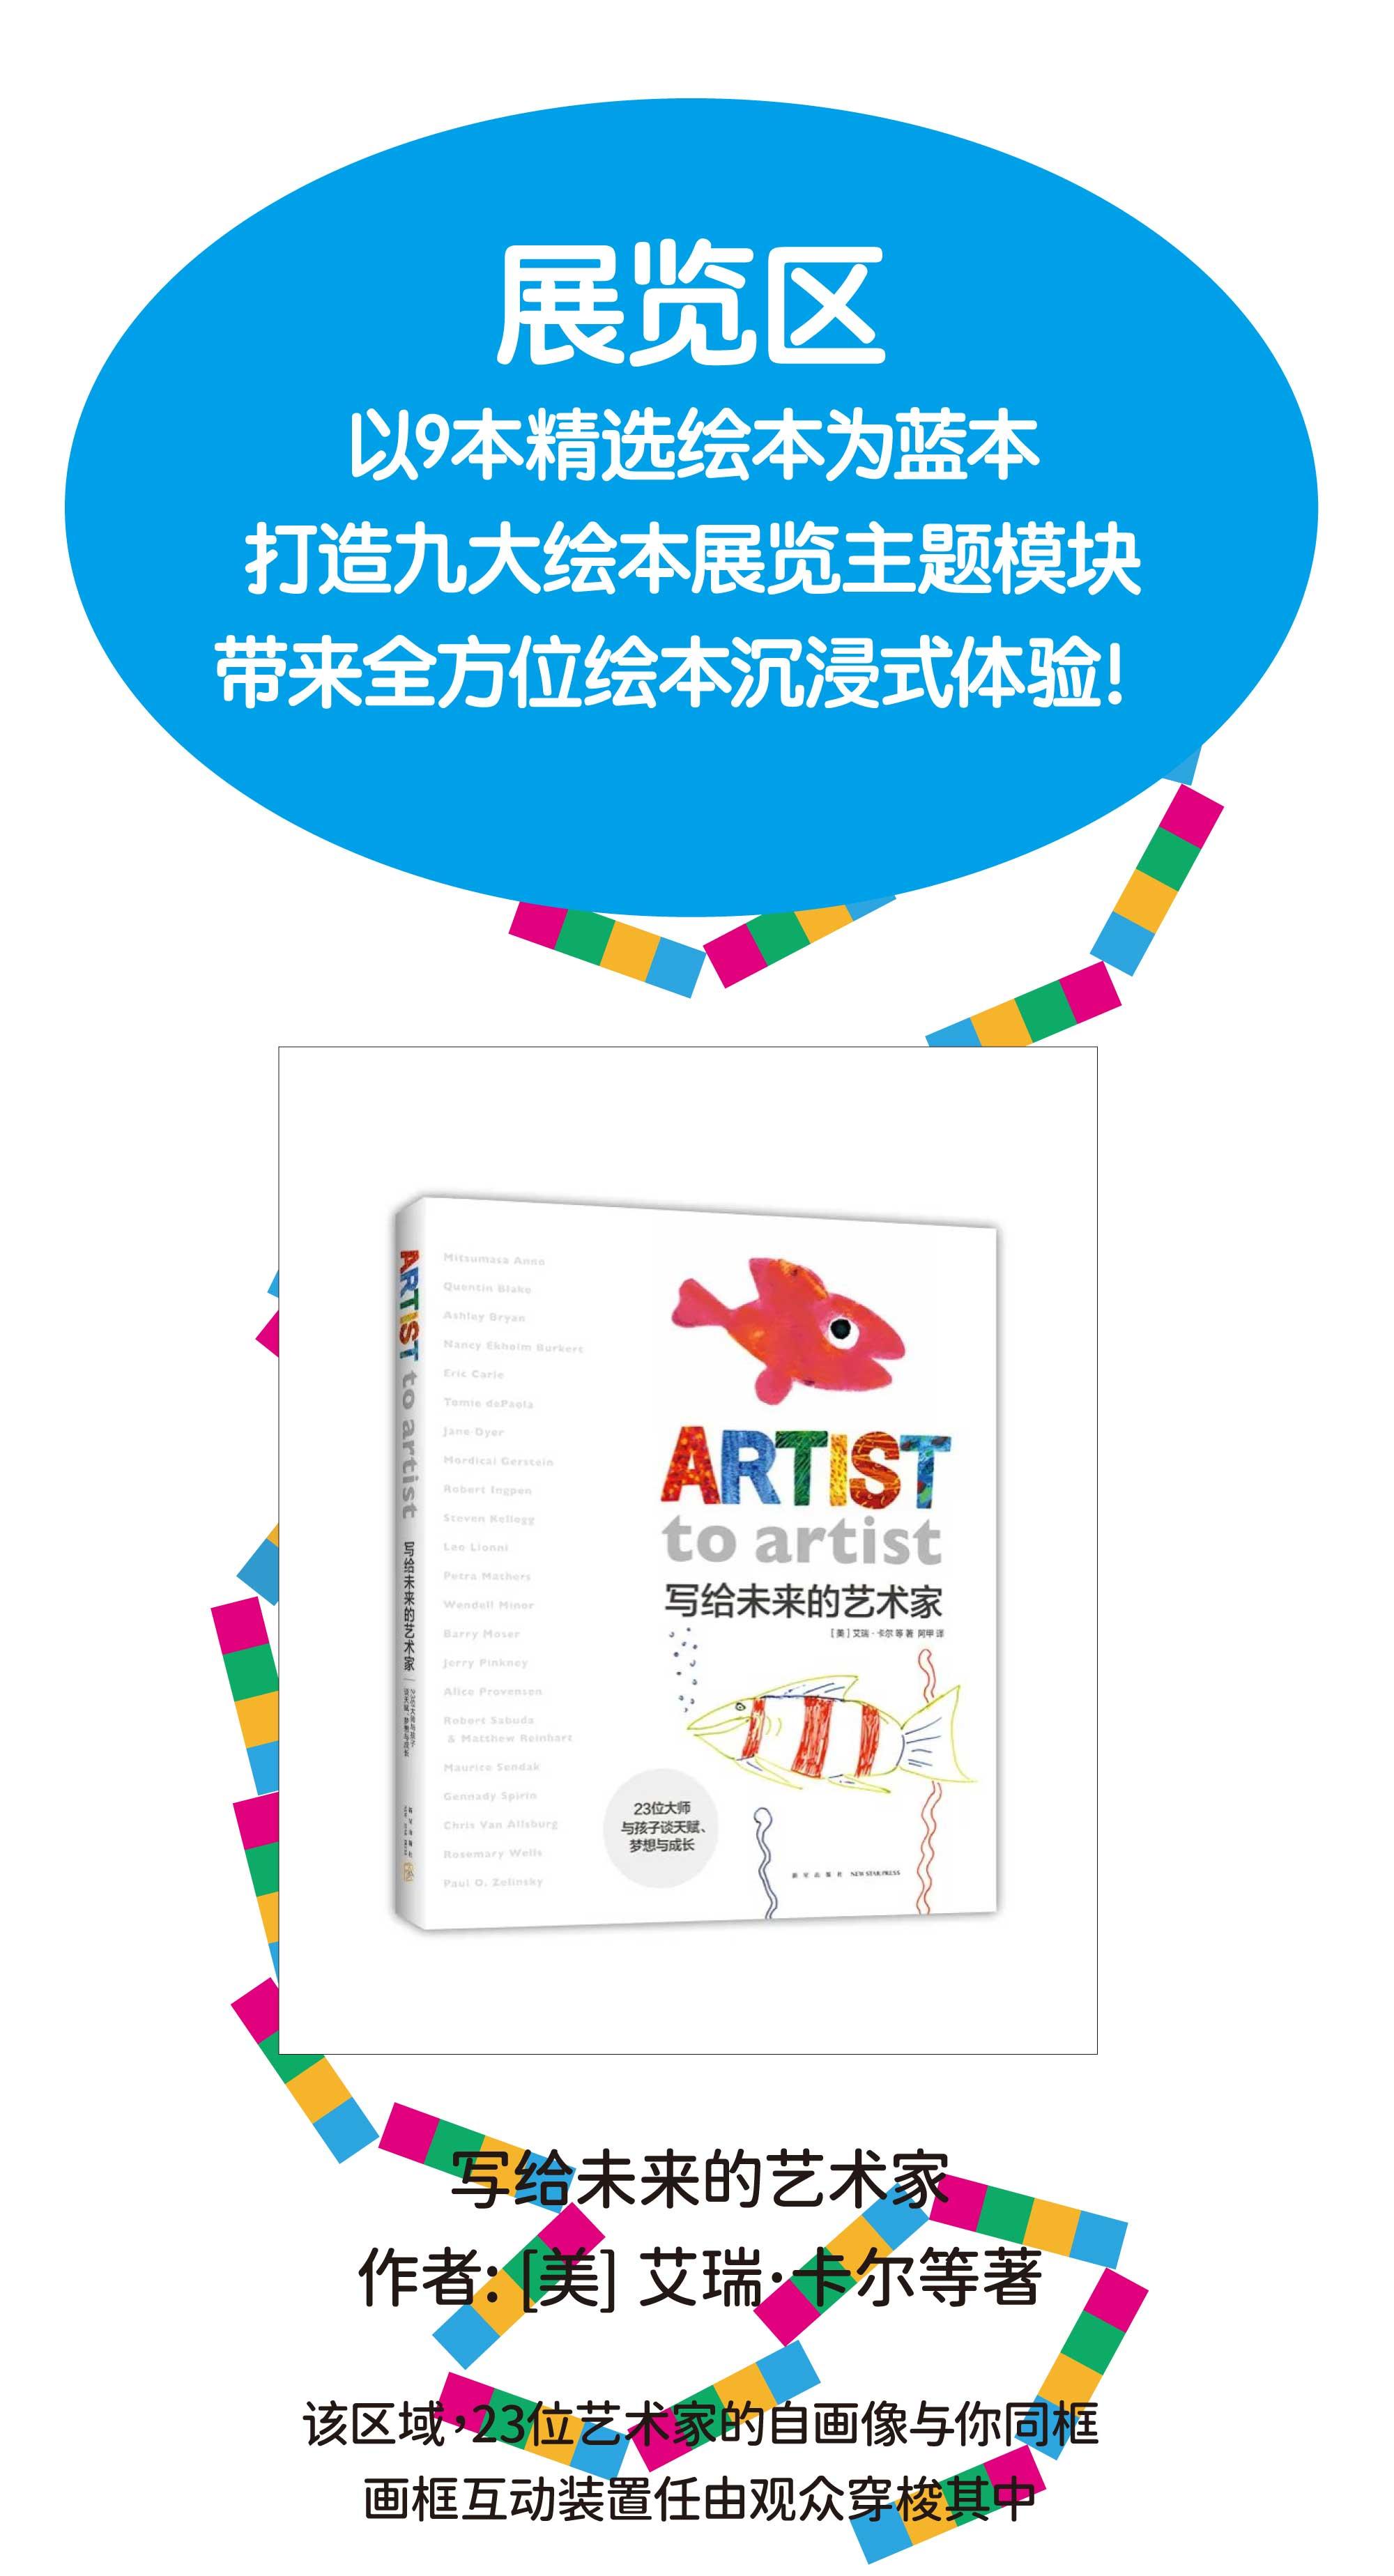 2021游乐场——IOMA第二届艺术绘本体验展-北京站